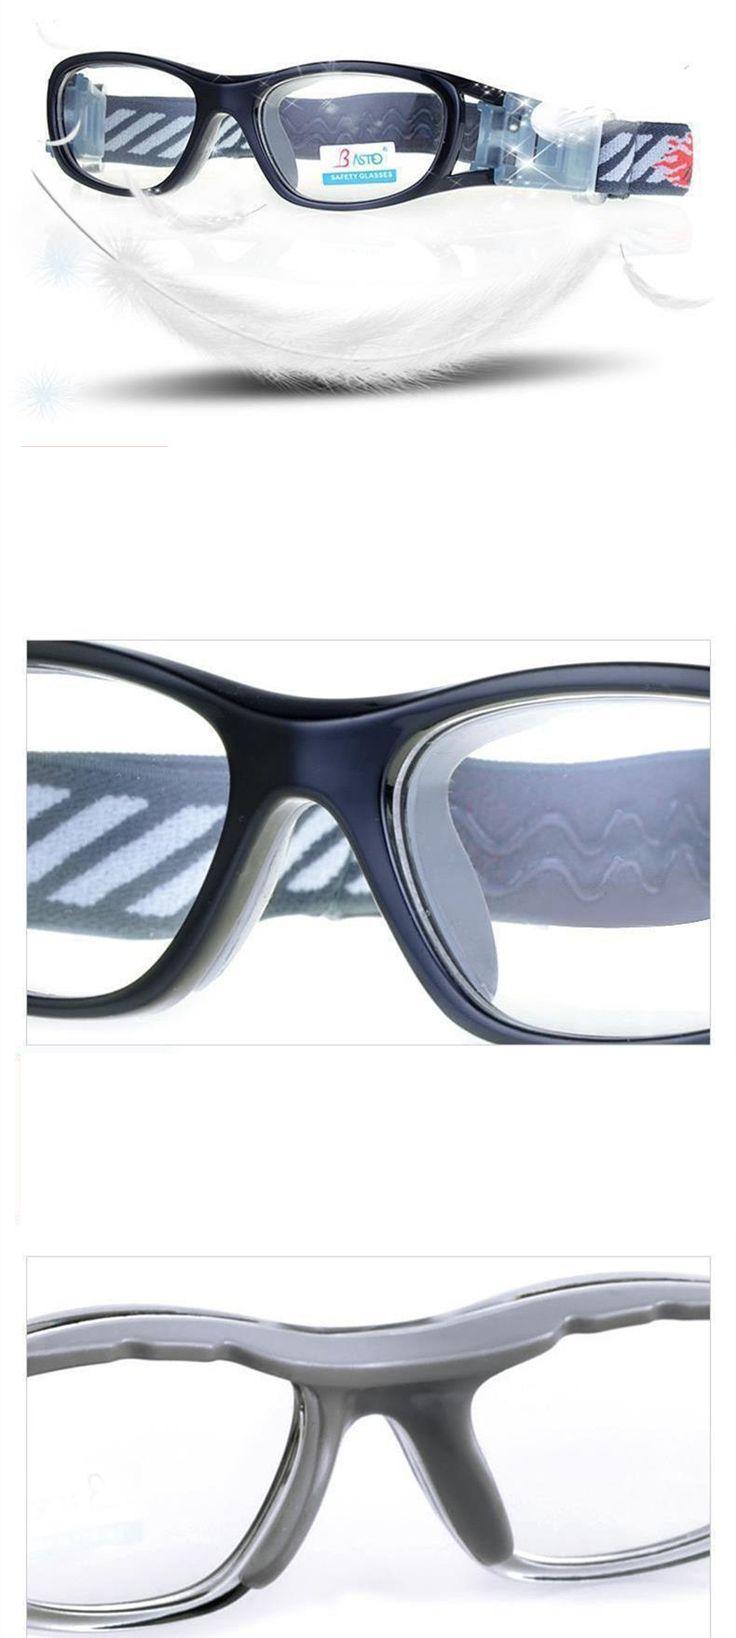 スポーツにおすすめ 、ランニング・ゴルフ・釣り・自転車をはじめ、アクティブな動きにもずれ落ちにくいスポーツ 用メガネご紹介。アジア人に適したこだわりのメガネ。スポーツするときでも気にならないスポーツメガネ。